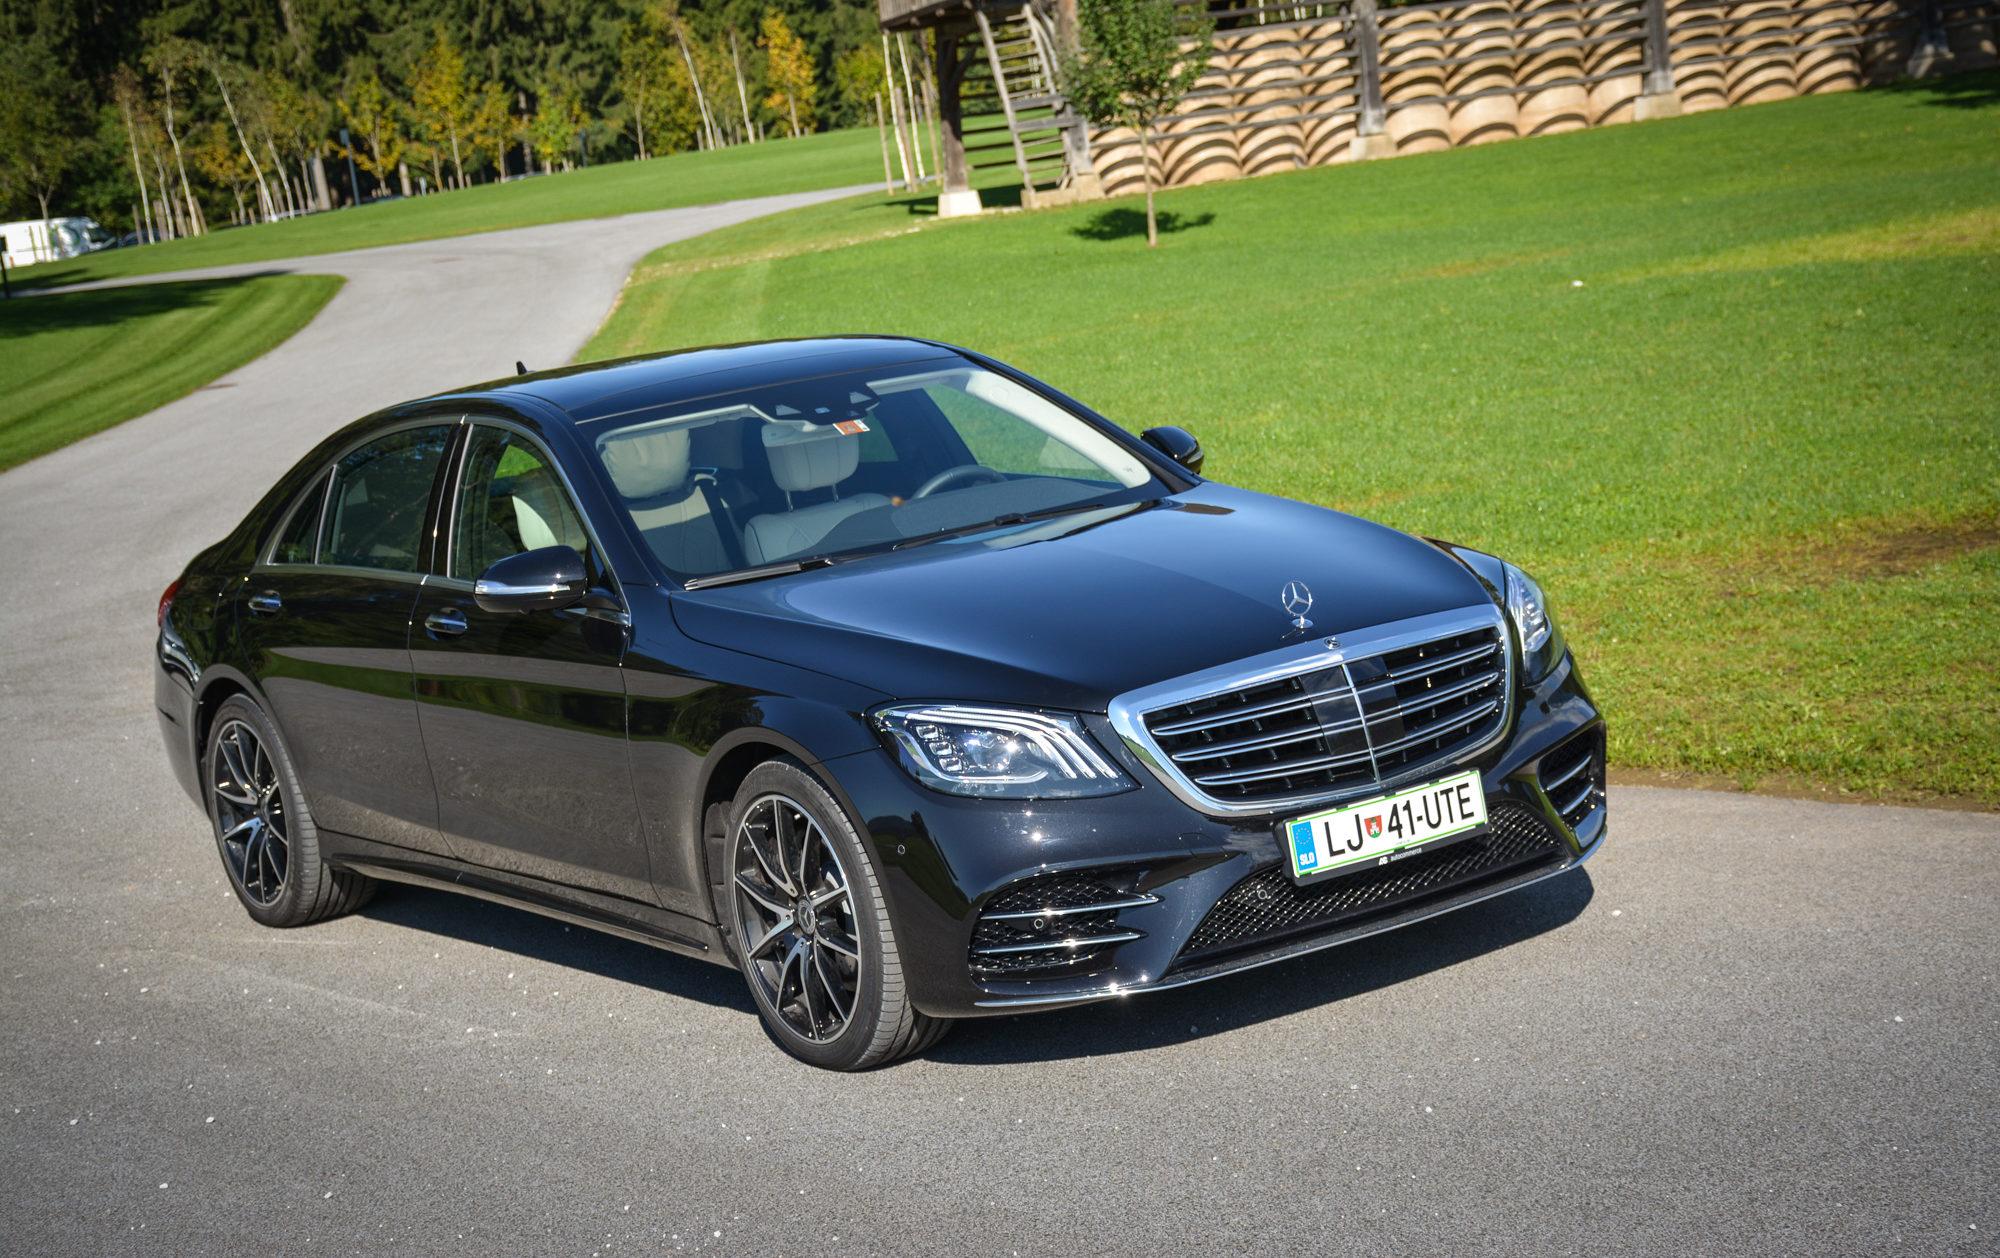 Novo doma: Mercedes-Benz S (z novo dimenzijo vožnje na prvem mestu zdravje in dobro počutje)